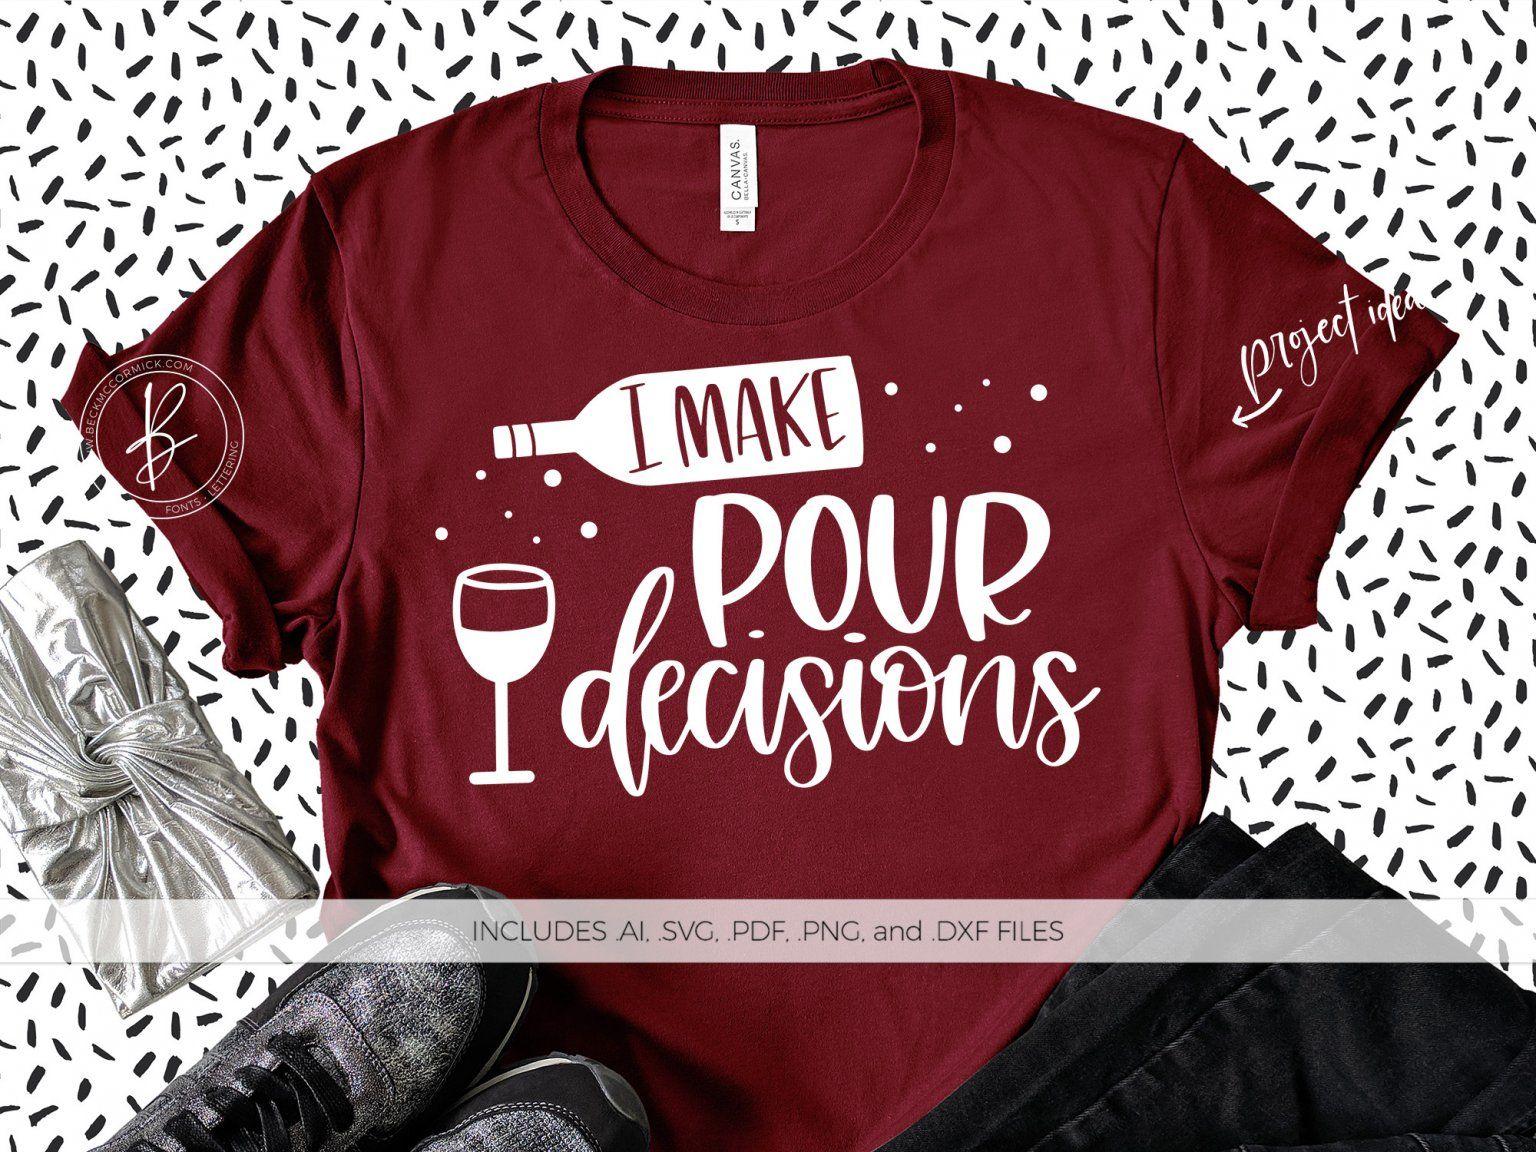 I Make Pour Decisions Svg Beck Mccormick In 2020 Hand Lettered Svg Lettering Design Svg